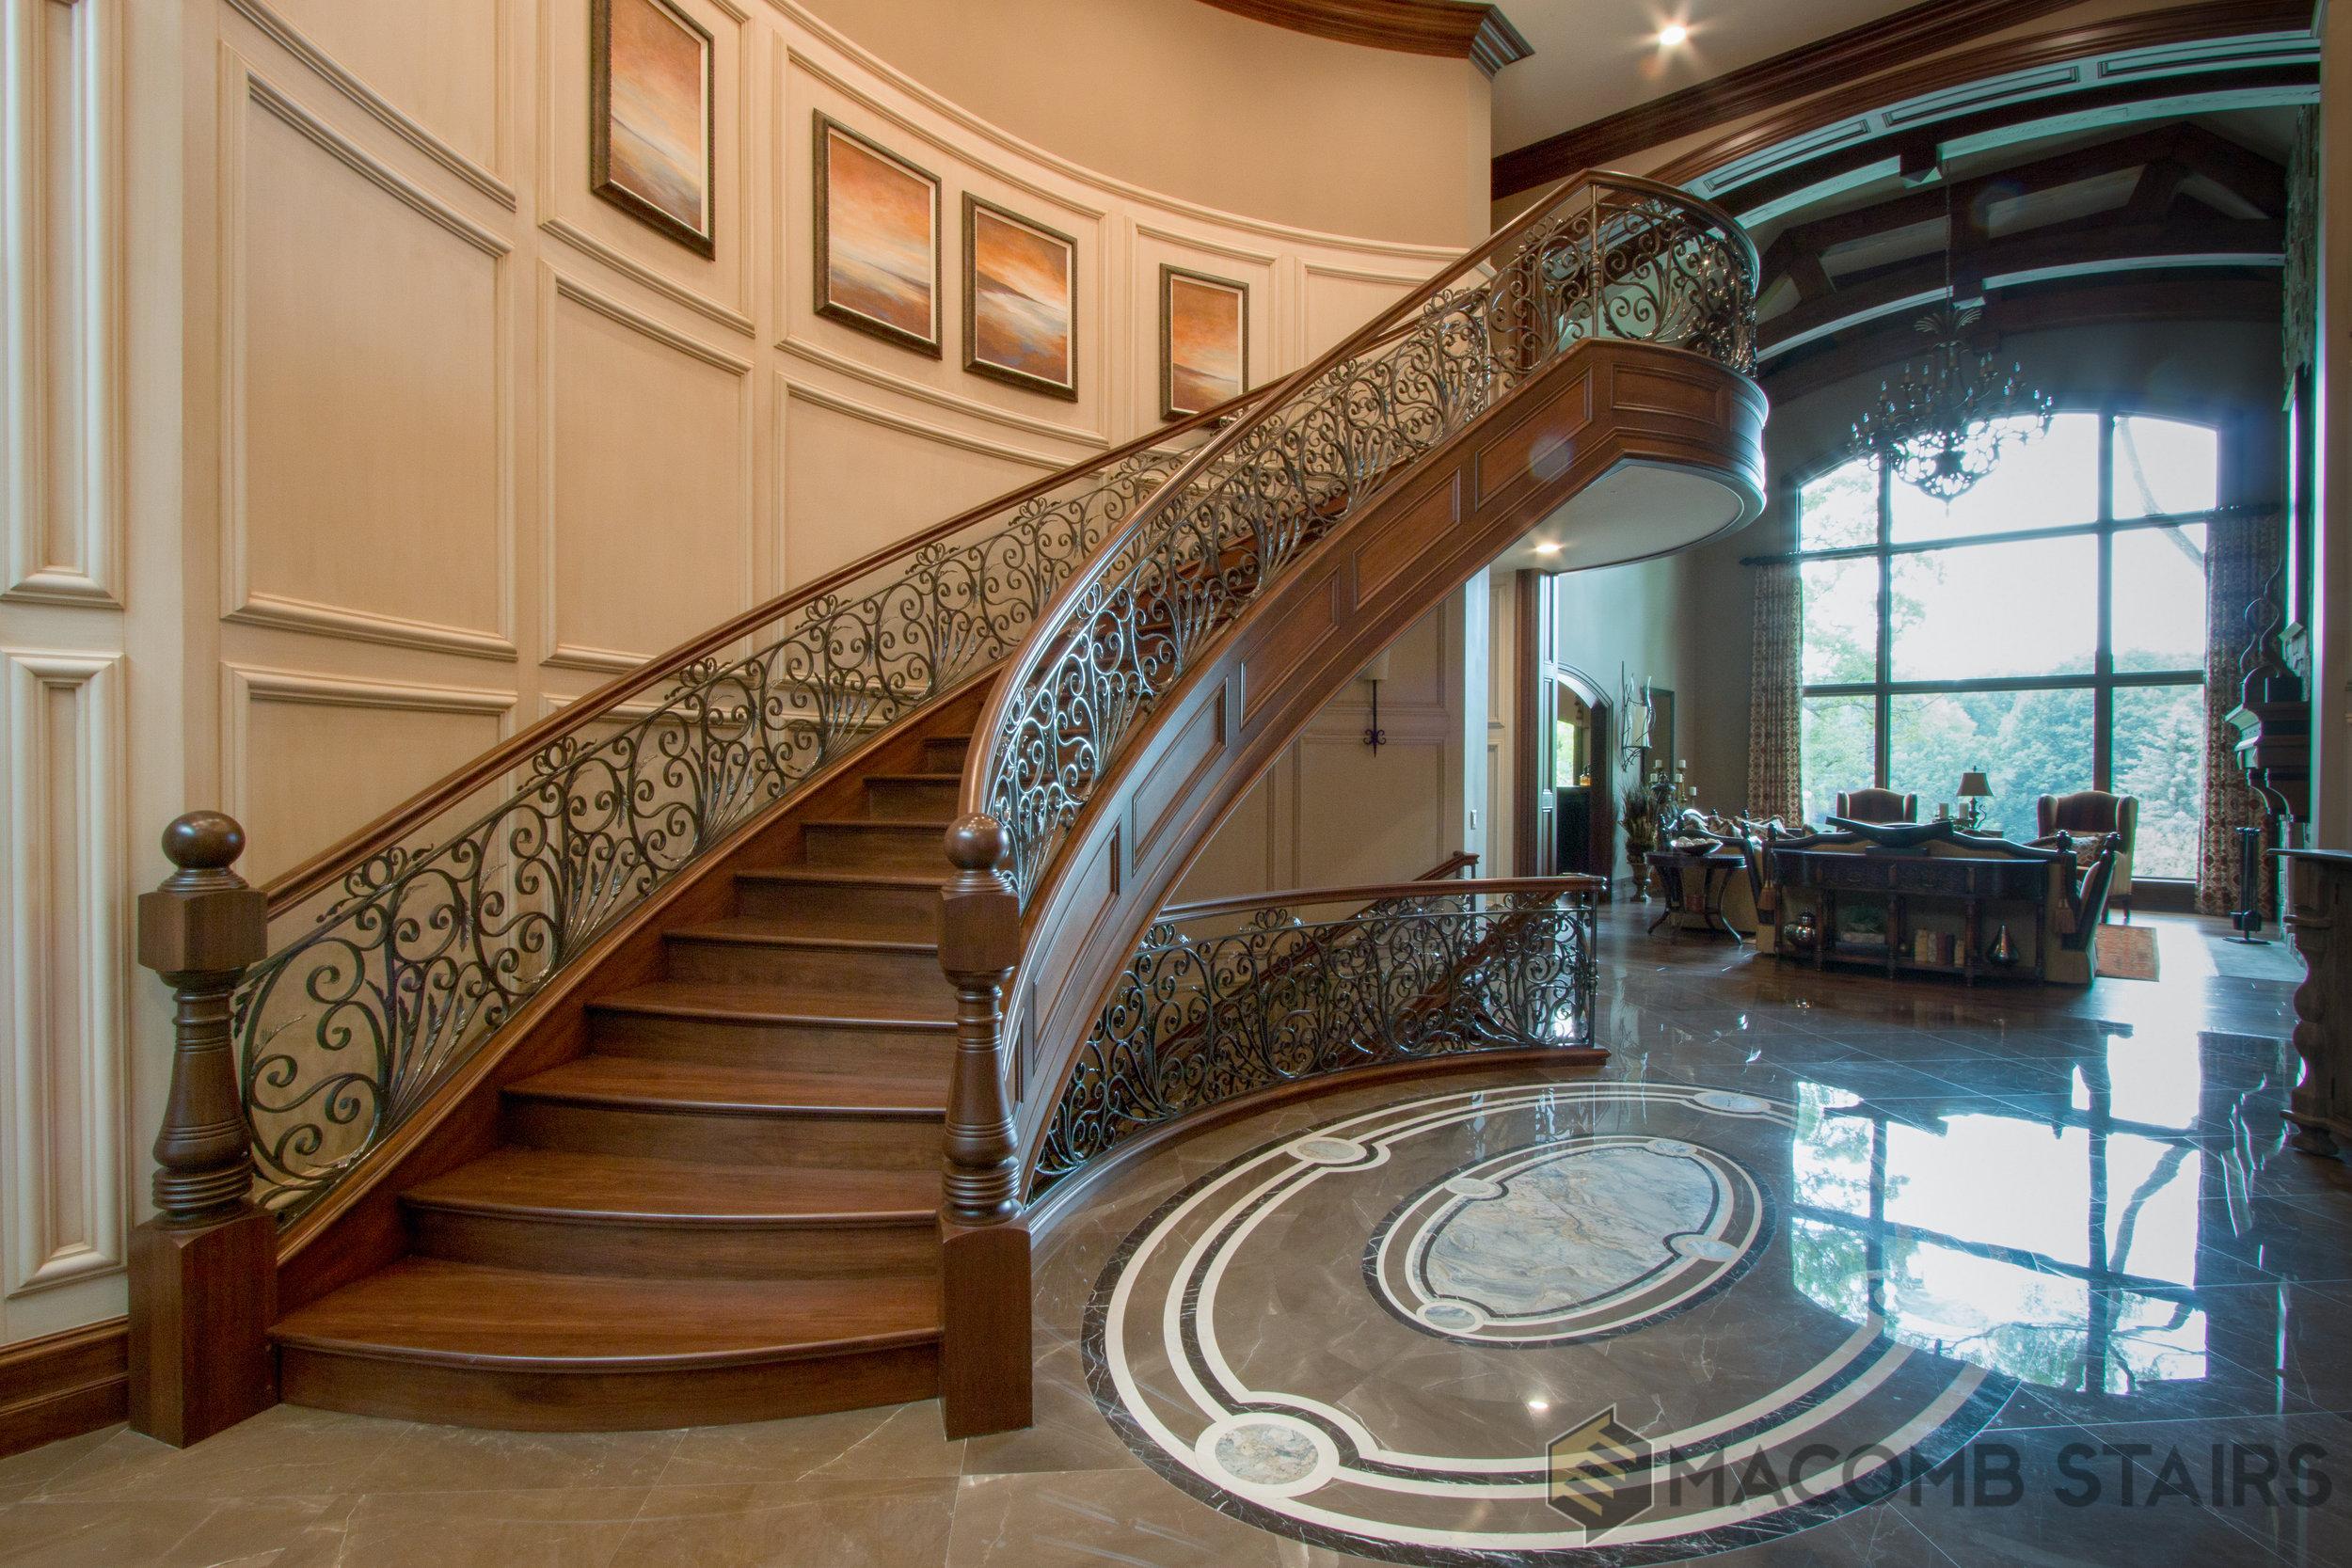 Macomb Stairs- Stair Photo-6.jpg